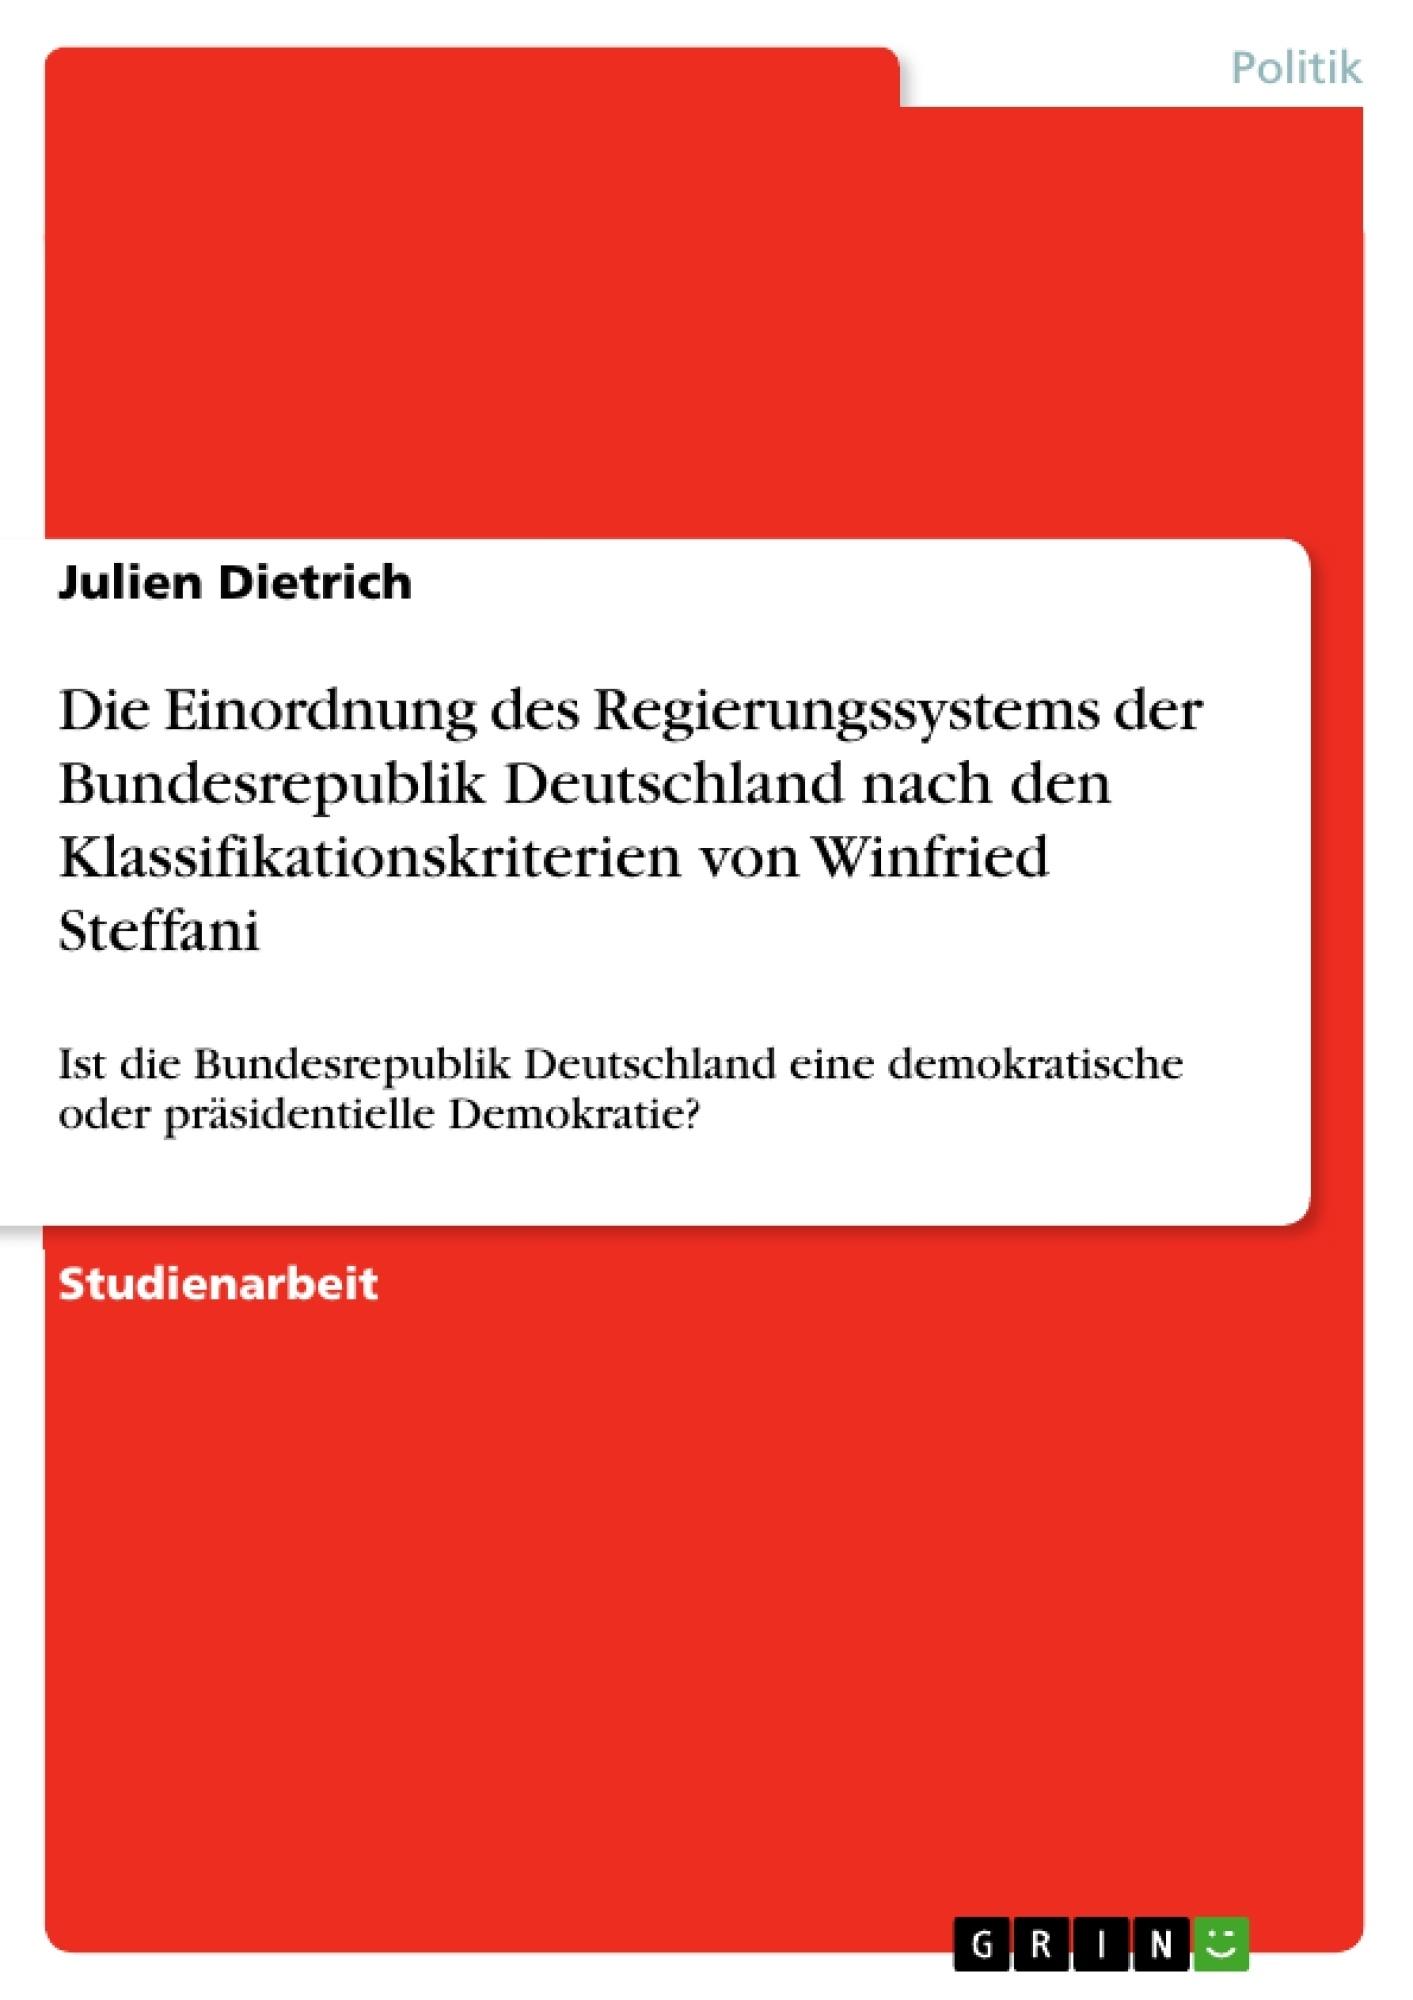 Titel: Die Einordnung des Regierungssystems der Bundesrepublik Deutschland nach den Klassifikationskriterien von Winfried Steffani